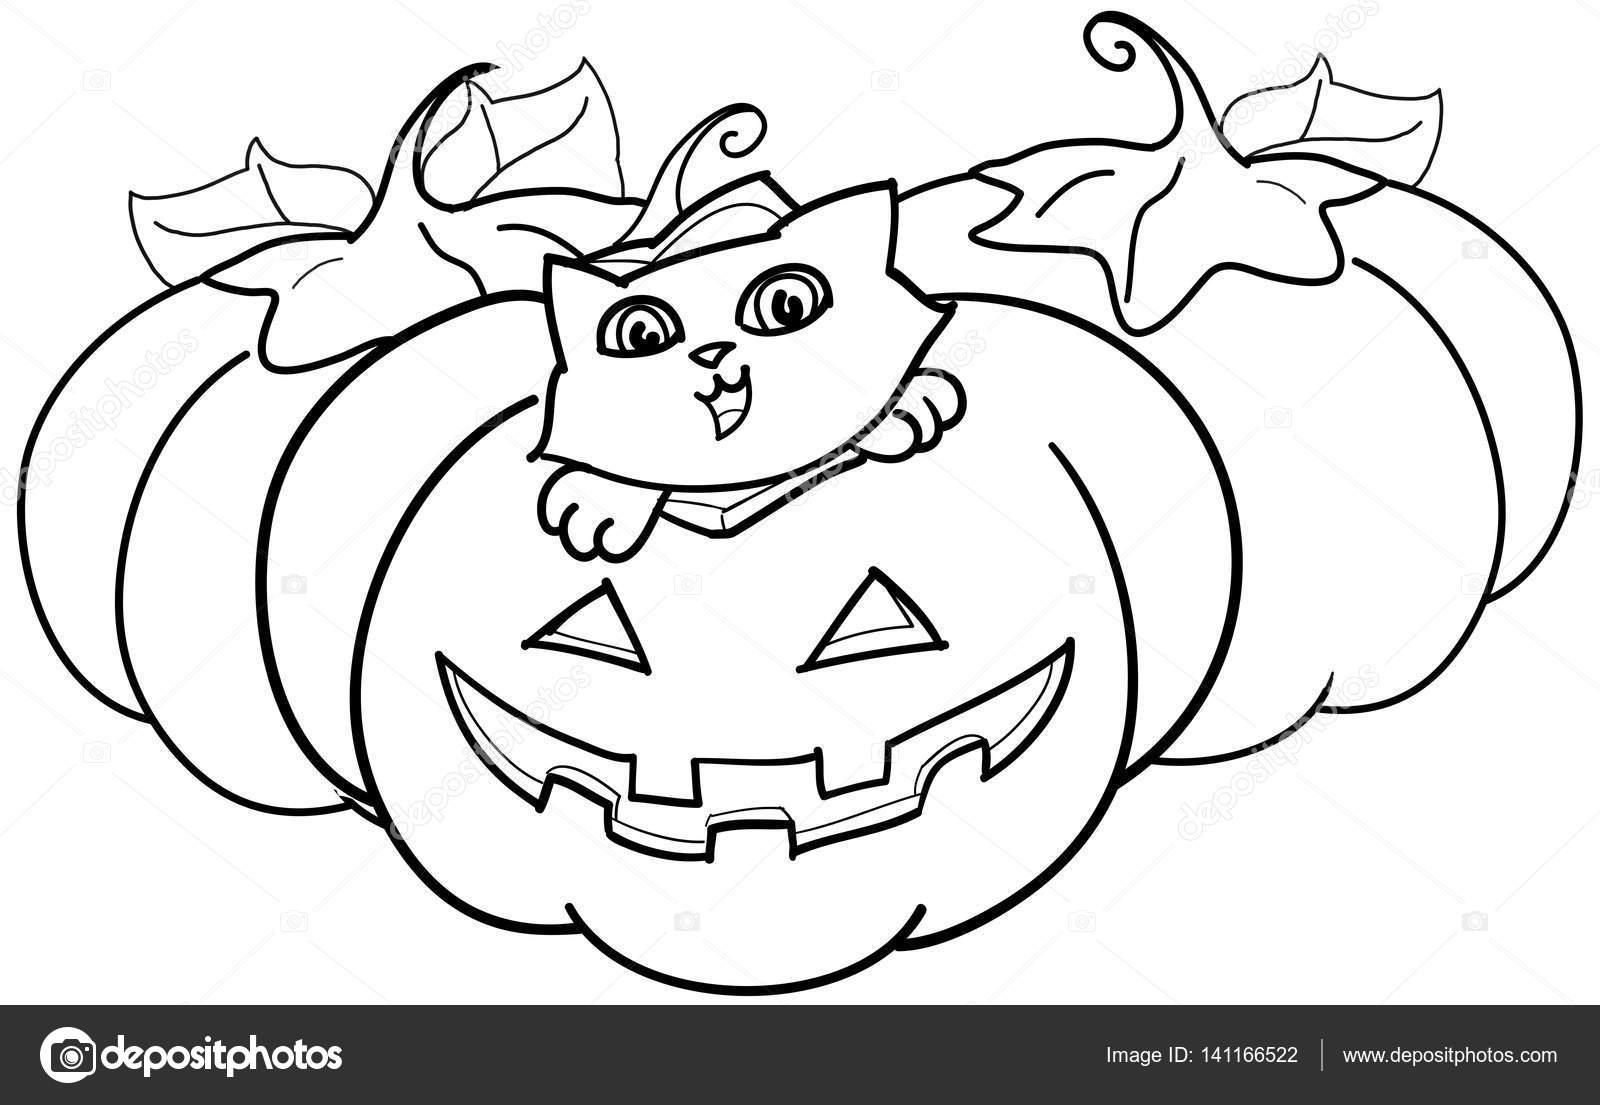 Gato negro de halloween para colorear | Gato negro y calabaza de ...